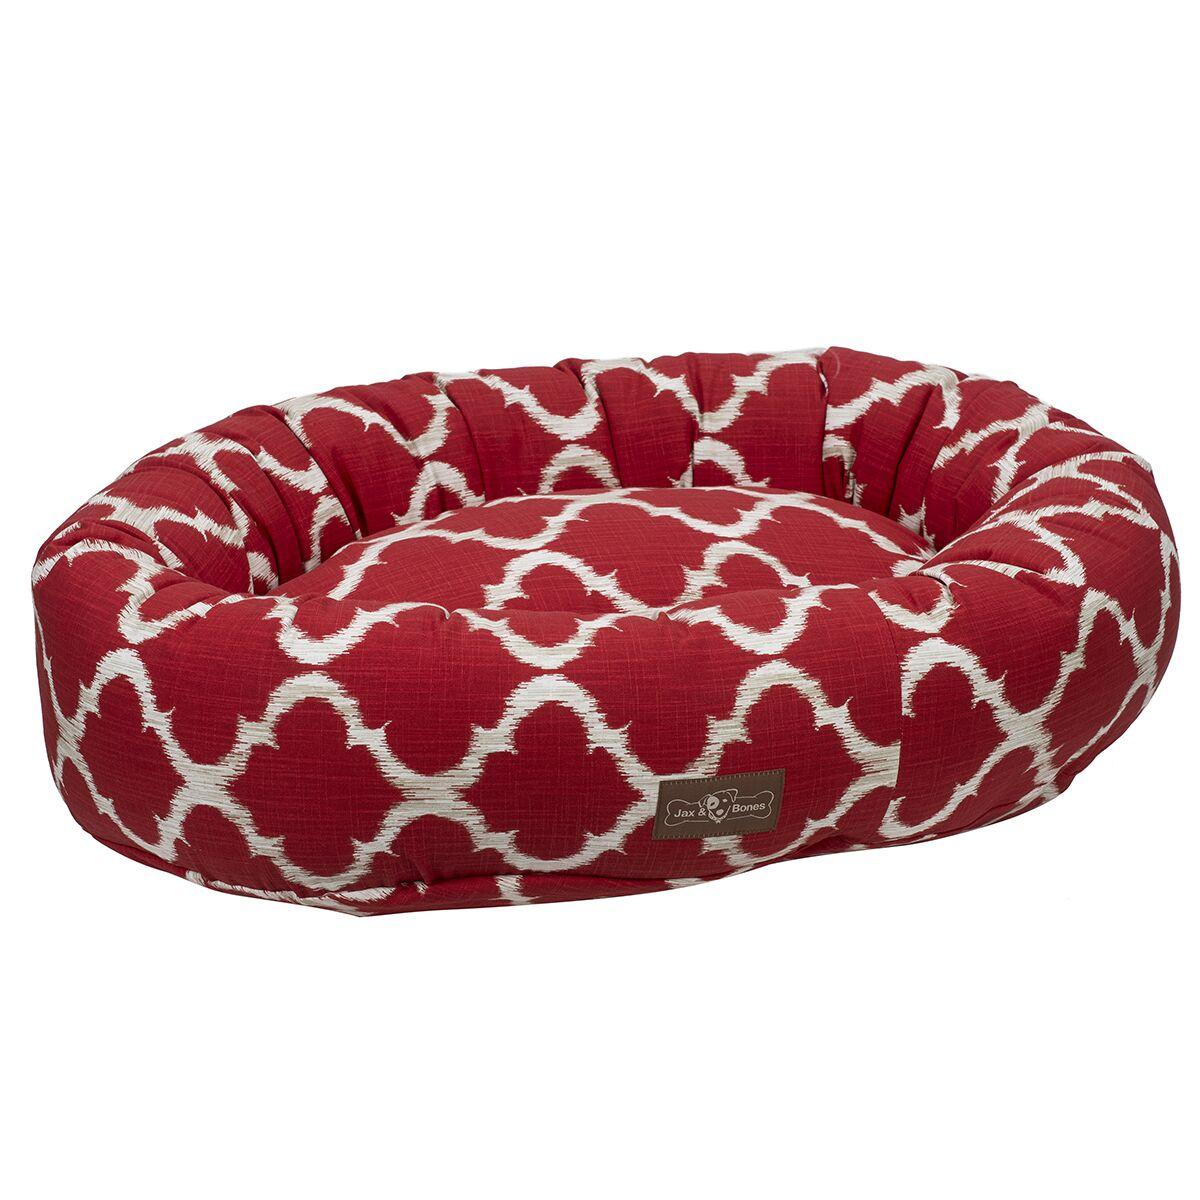 Monaco Everyday Cotton Donut Bed Color: Monaco Scarlet (Red), Size: Medium